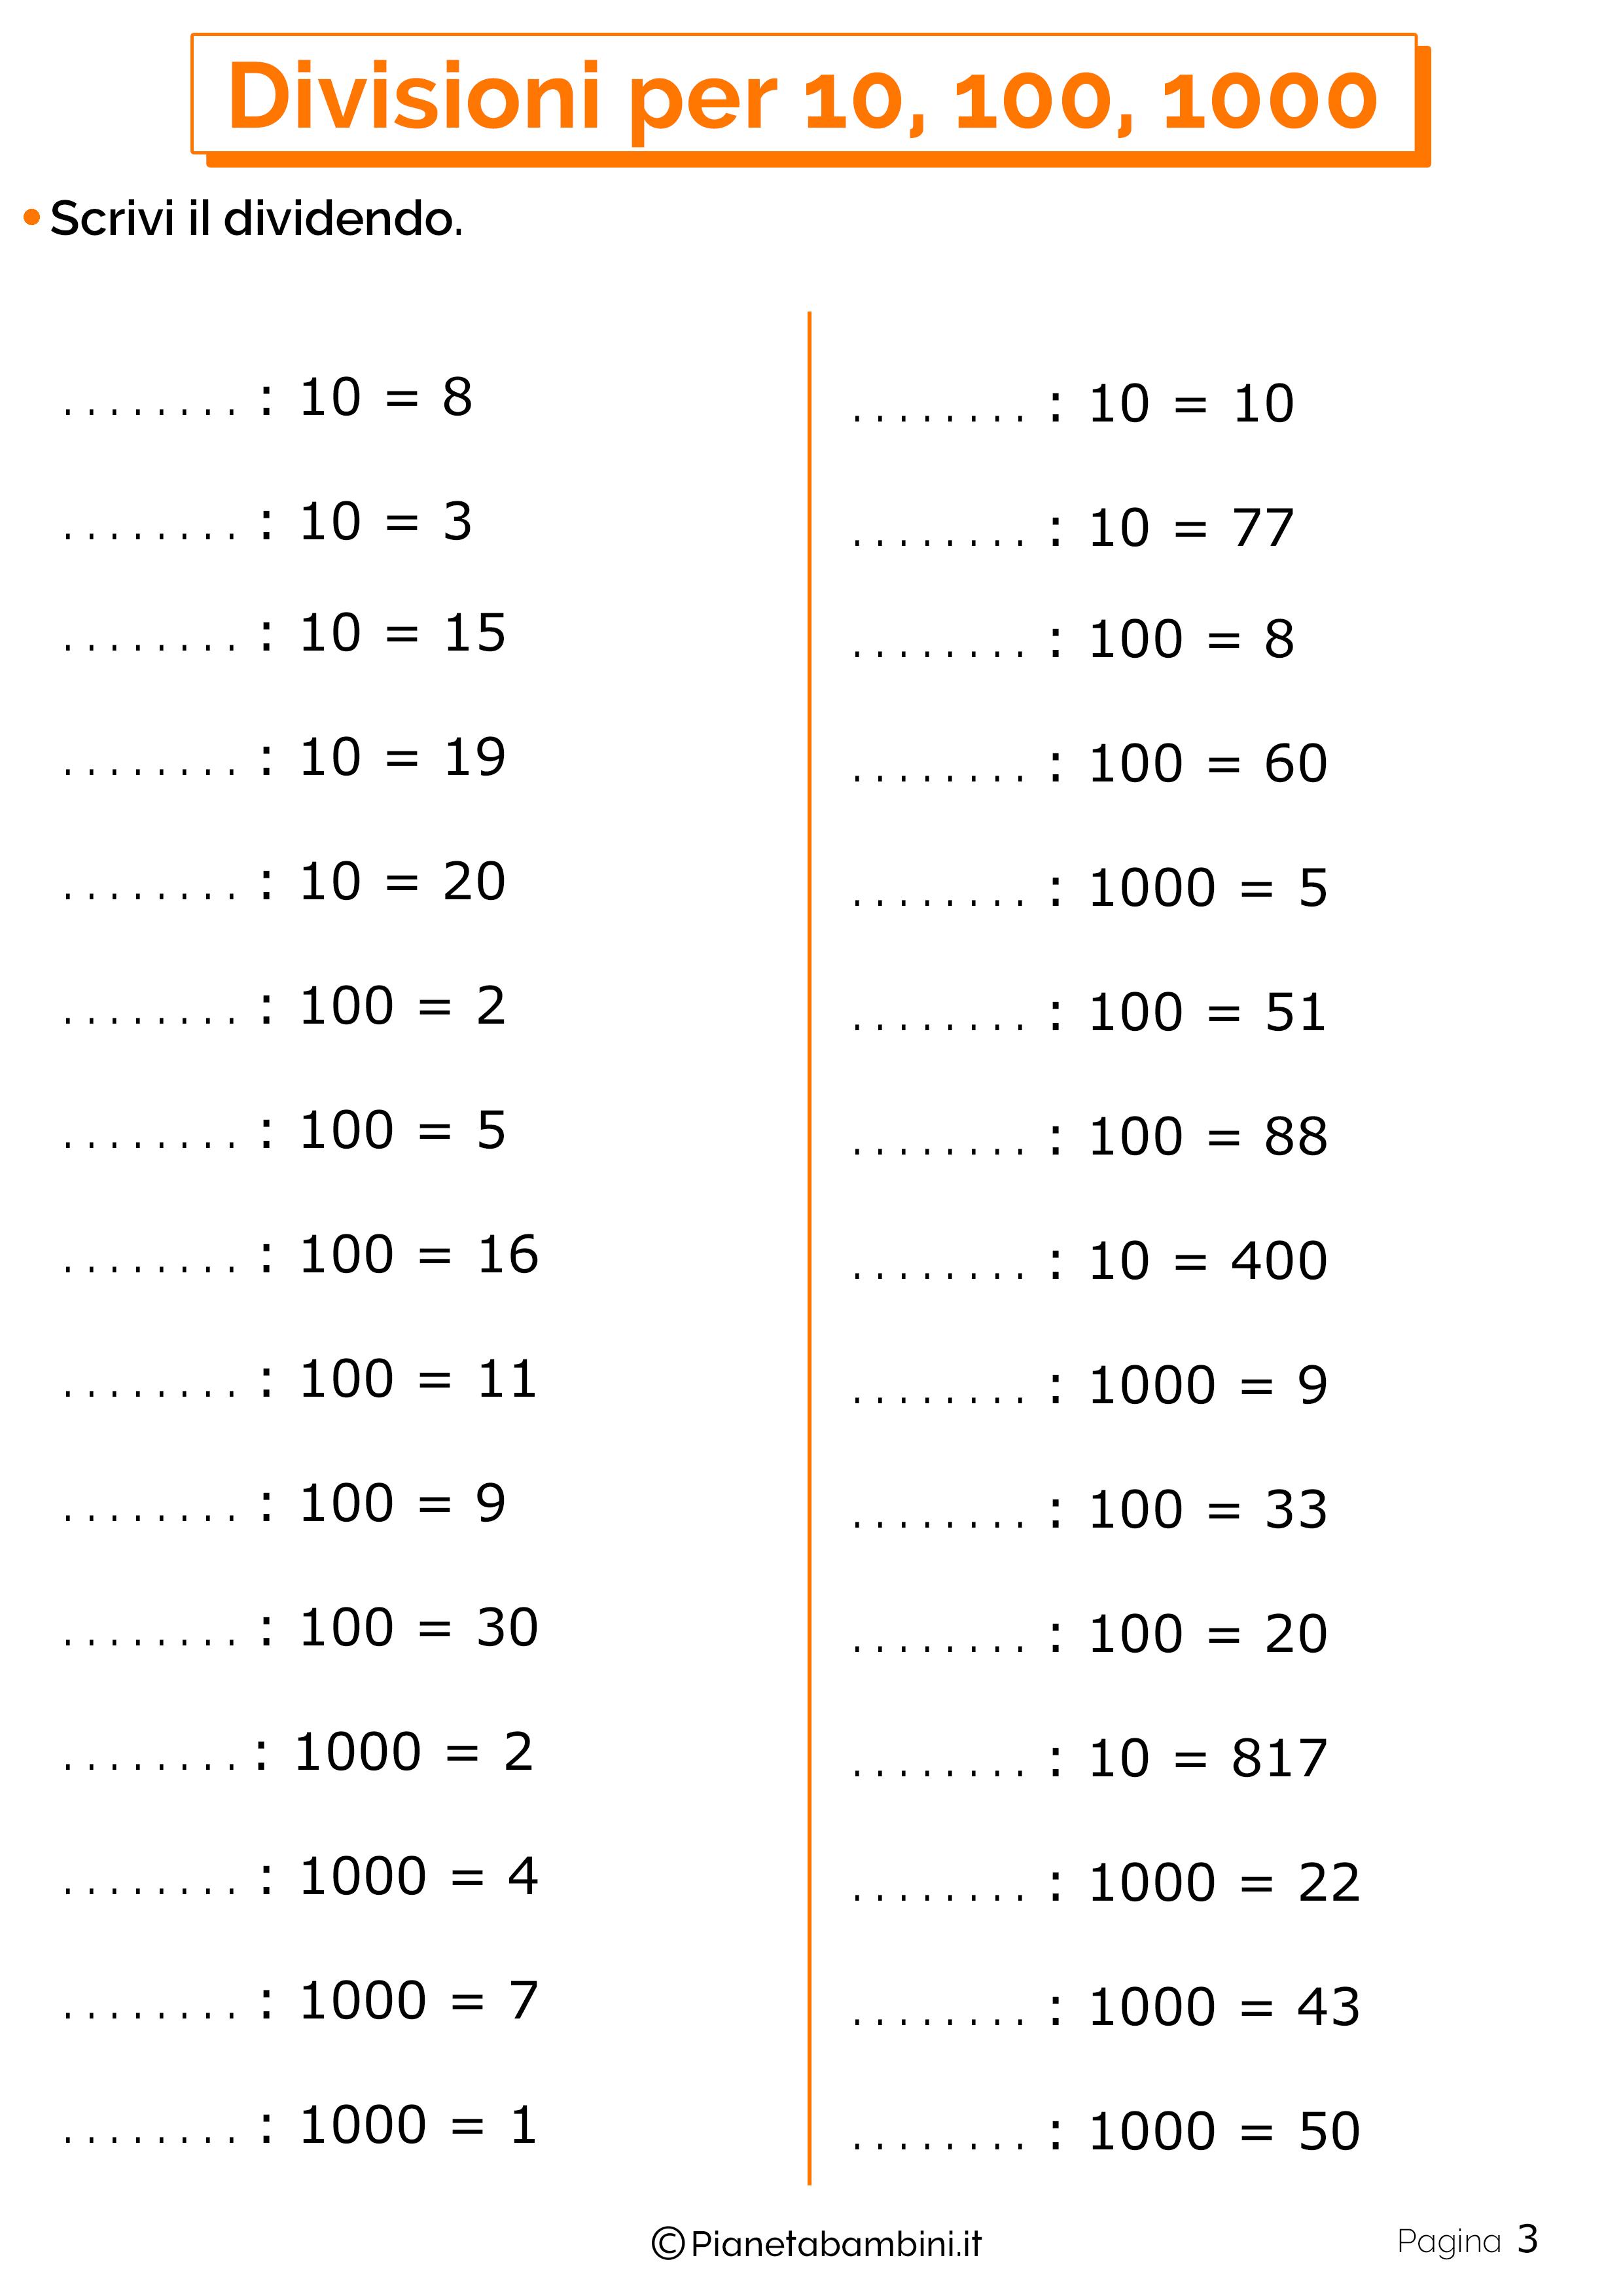 Schede didattiche divisioni per 10-100-1000 3